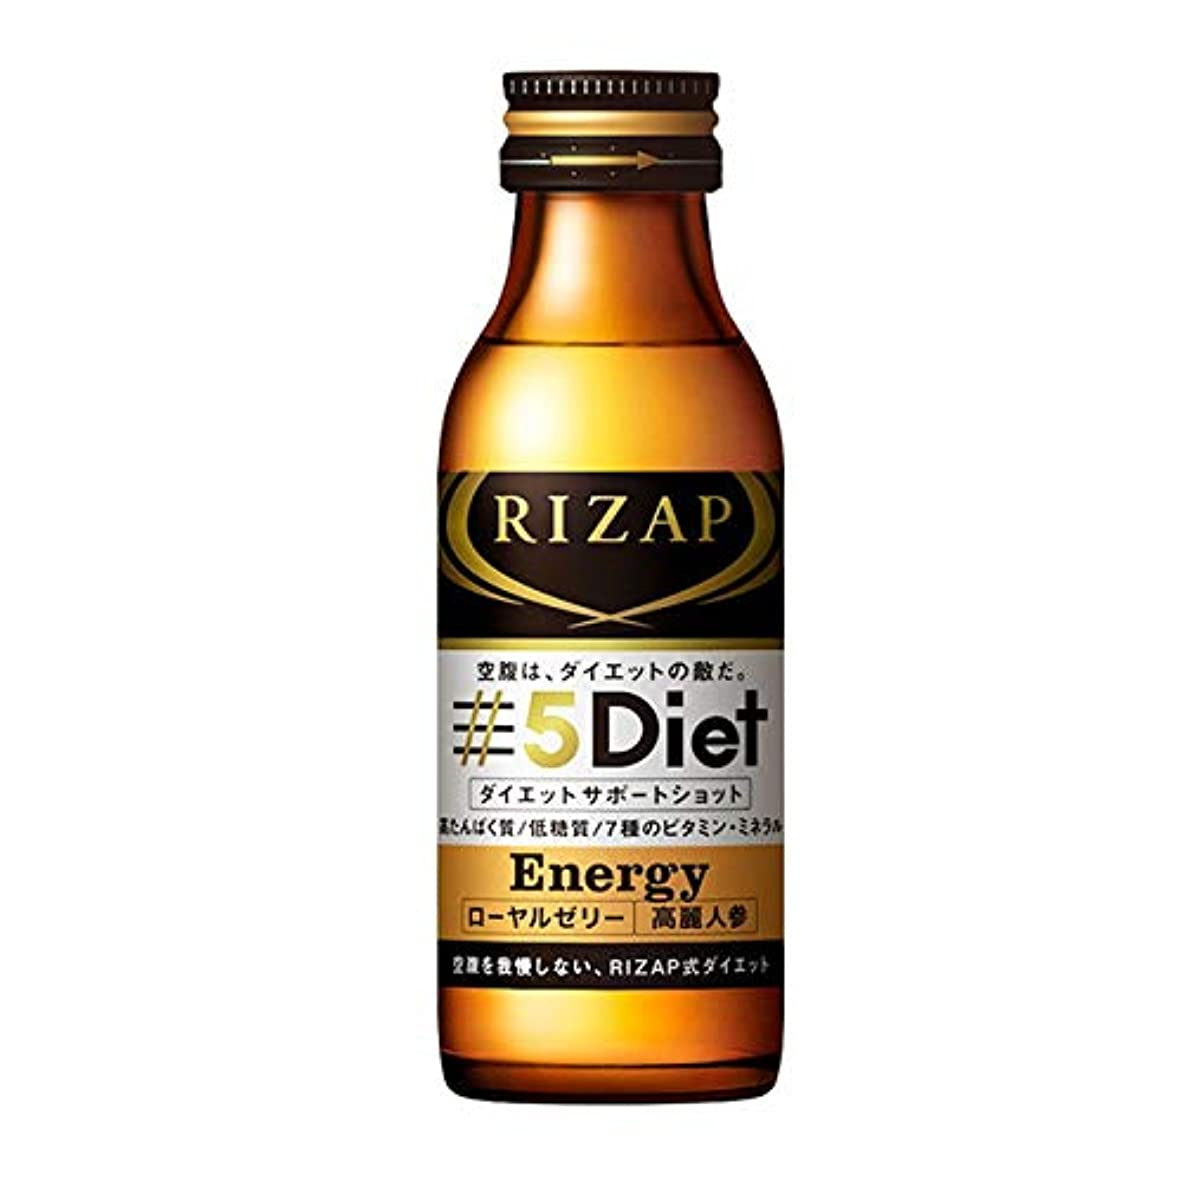 ウィンク敵対的かび臭いRIZAP(ライザップ) 5Diet ダイエットサポートショット エナジー 100ml【10本セット】※検品時に箱を開梱させて頂く商品です。